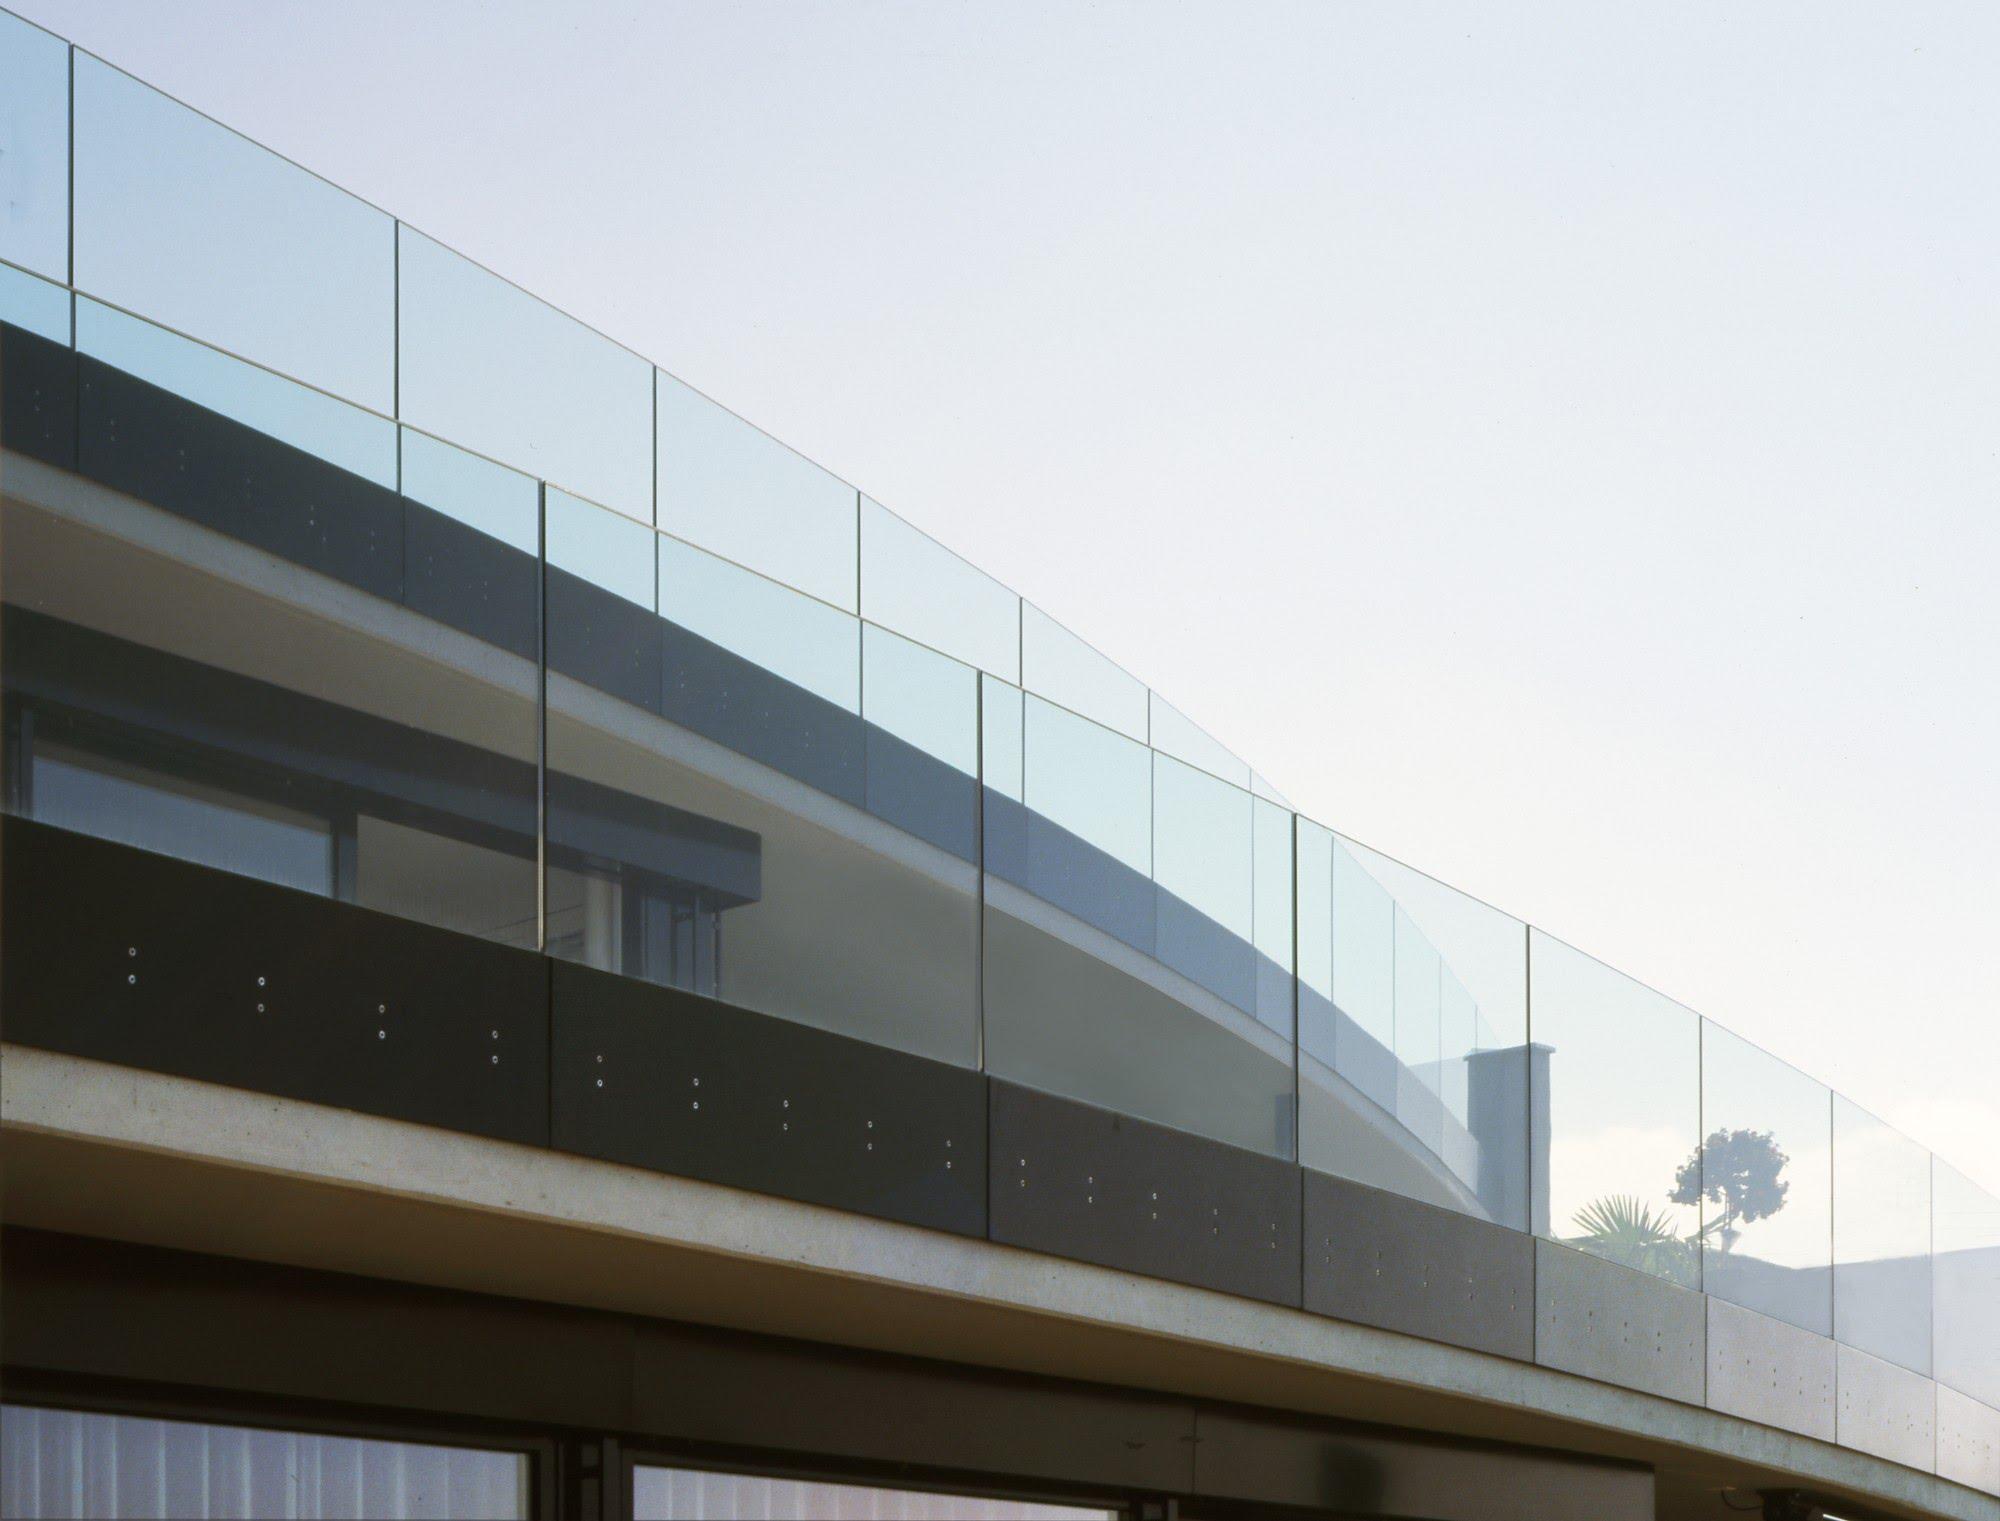 Wohnen MFH Zwei Terrassenhäuser am Tannberg Architektur,Wohnungsbau,Wohnhäuser,Einfamilienhäuser,Mehrfamilienhäuser